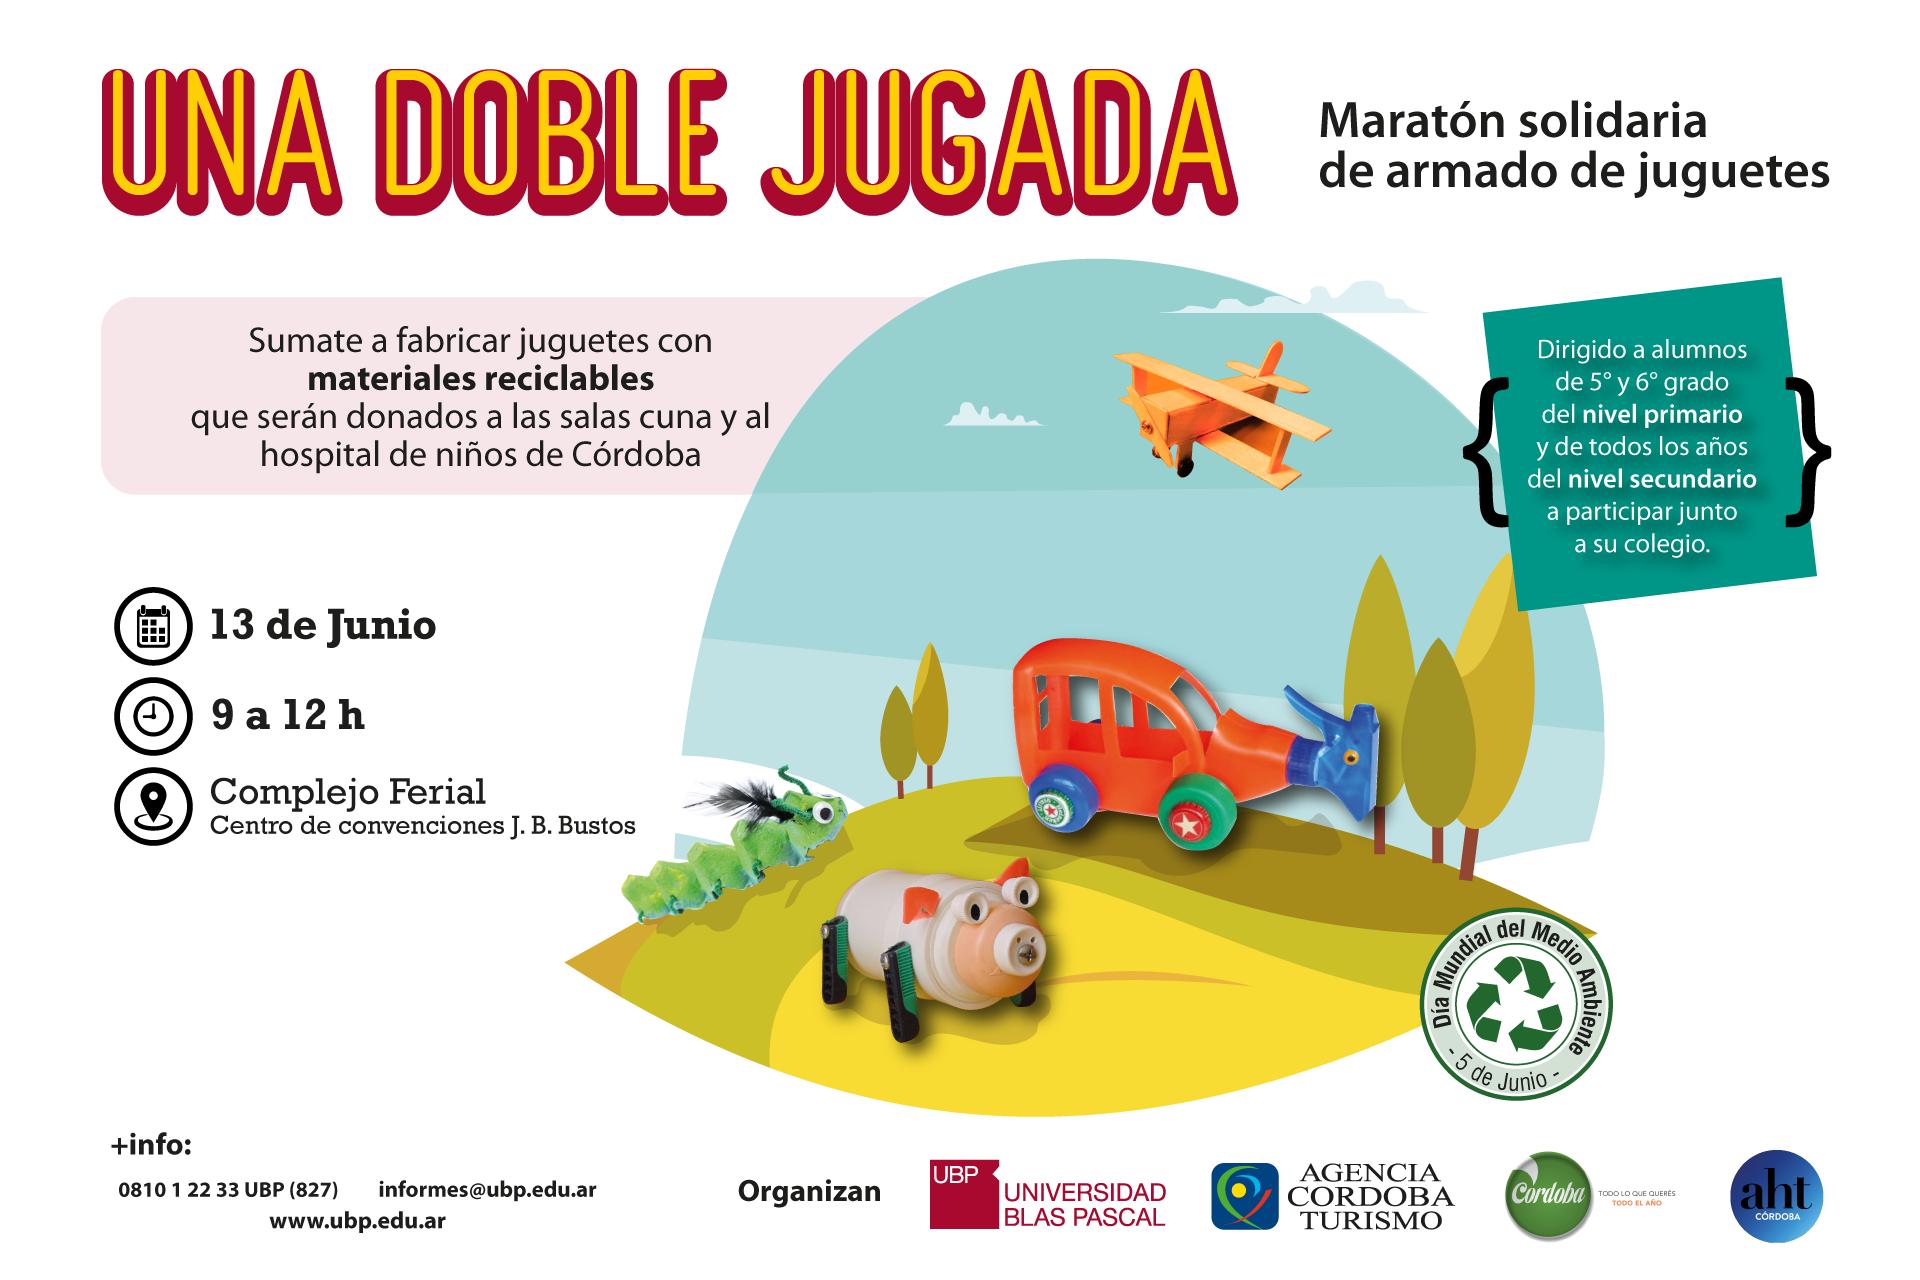 ¡Colaborá en la maratón solidaria de fabricación de juguetes!